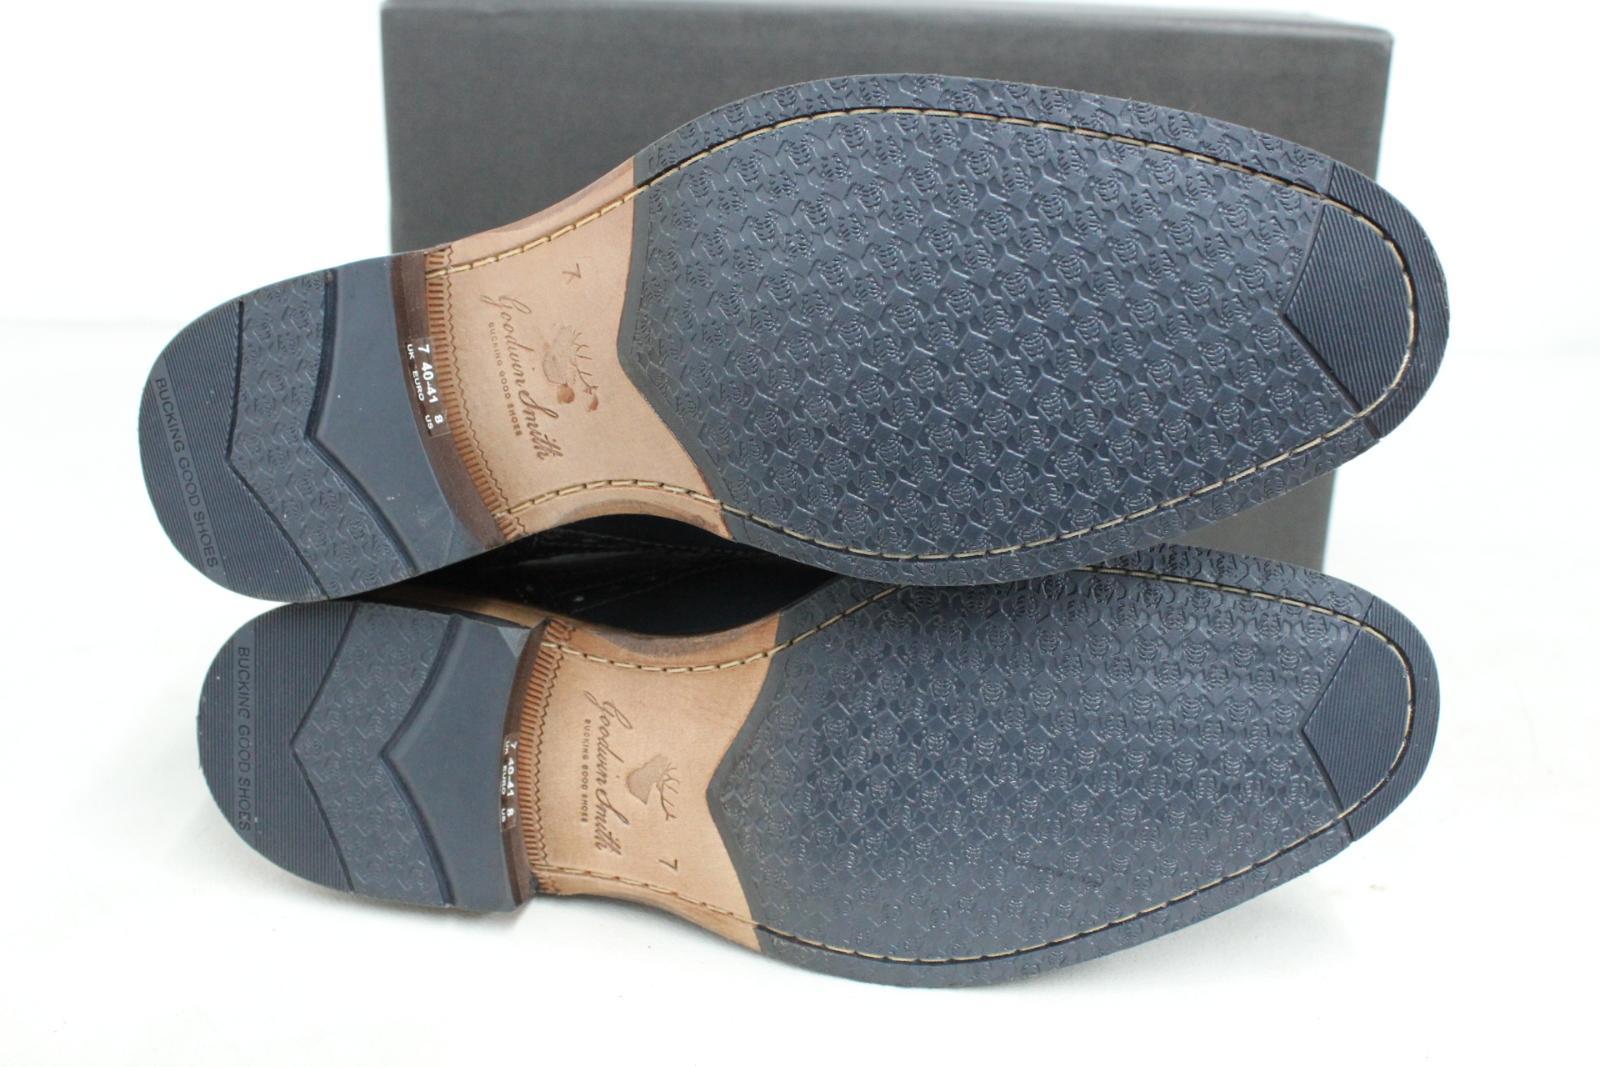 GOODWIN-para-hombre-Azul-Marino-Bowland-SMITH-Cuero-Oxford-Zapatos-UK-7-EU41-Nuevo miniatura 5